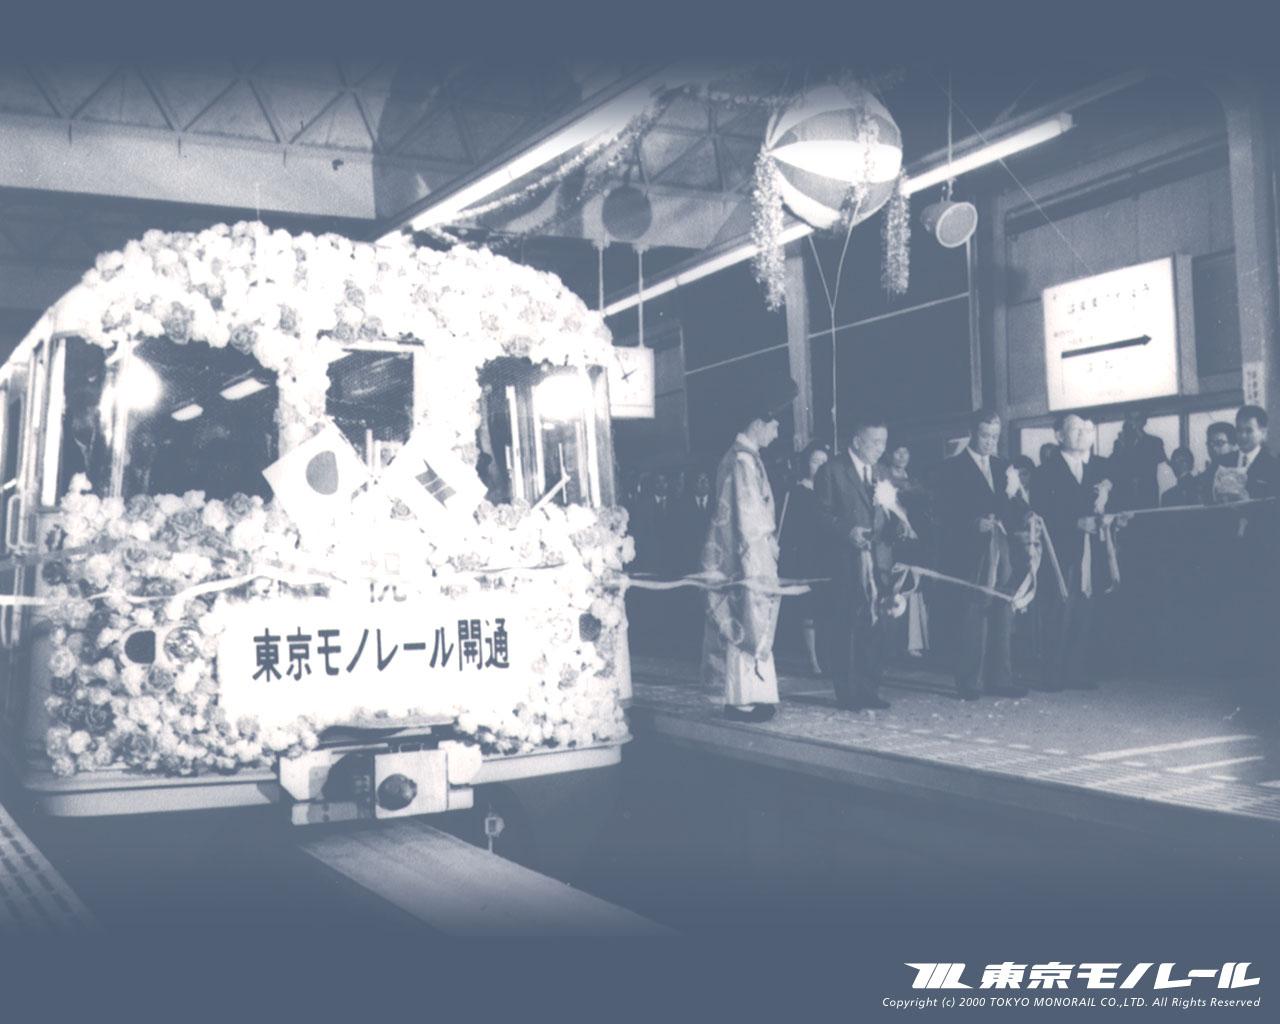 東京モノレール:モノレールFUN>モノレールヒストリー